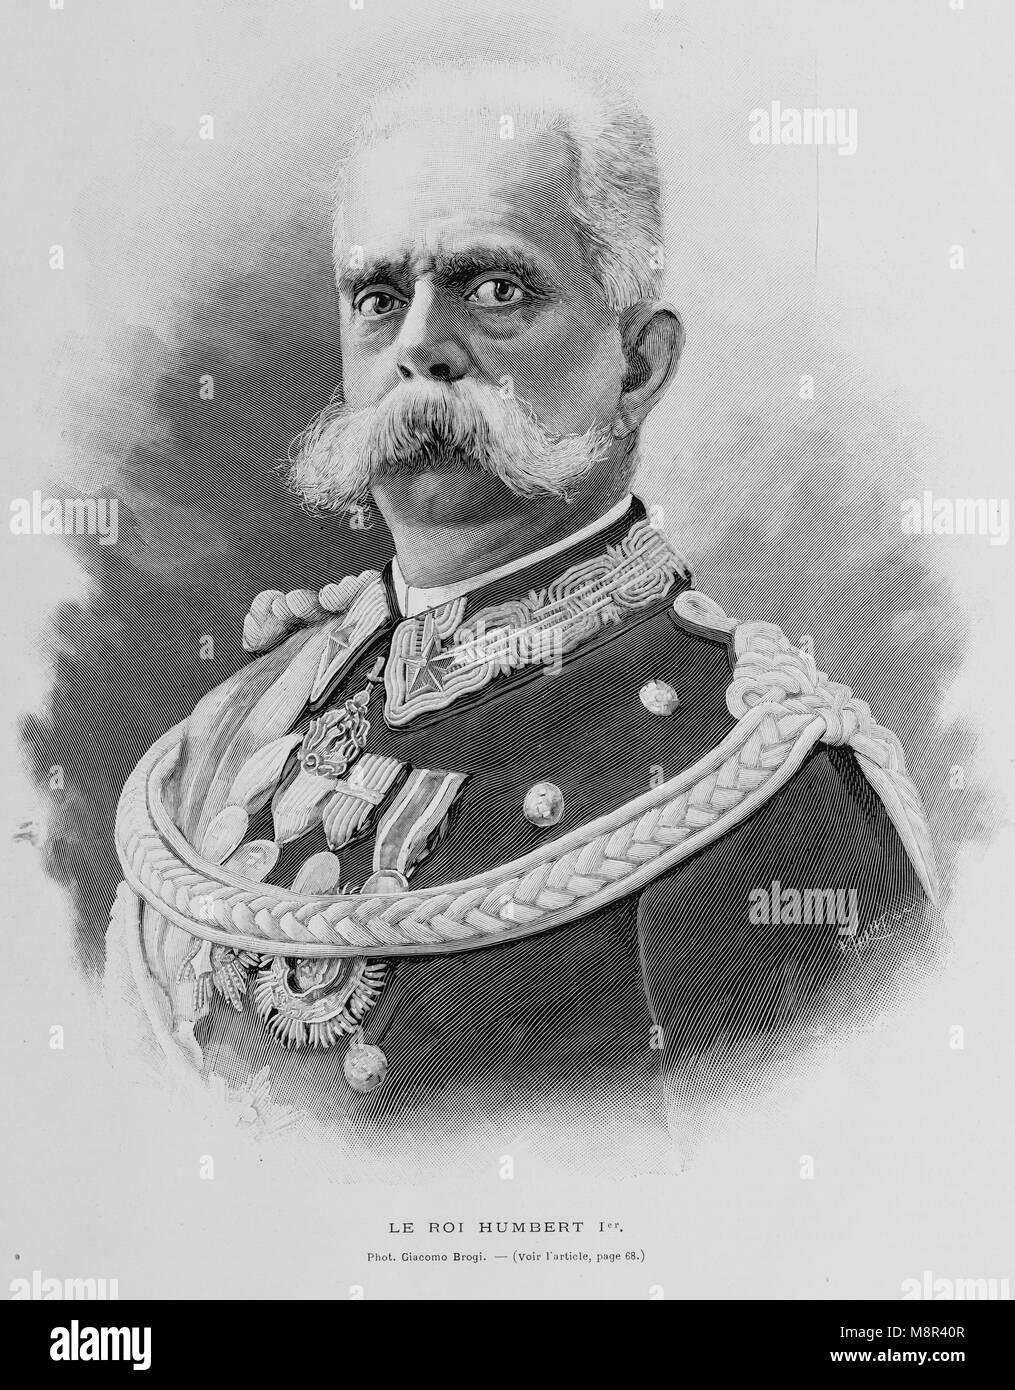 El rey Humberto I de Italia antes de su asesinato, imagen del semanario francés l'Illustration, 4º de agosto de Foto de stock